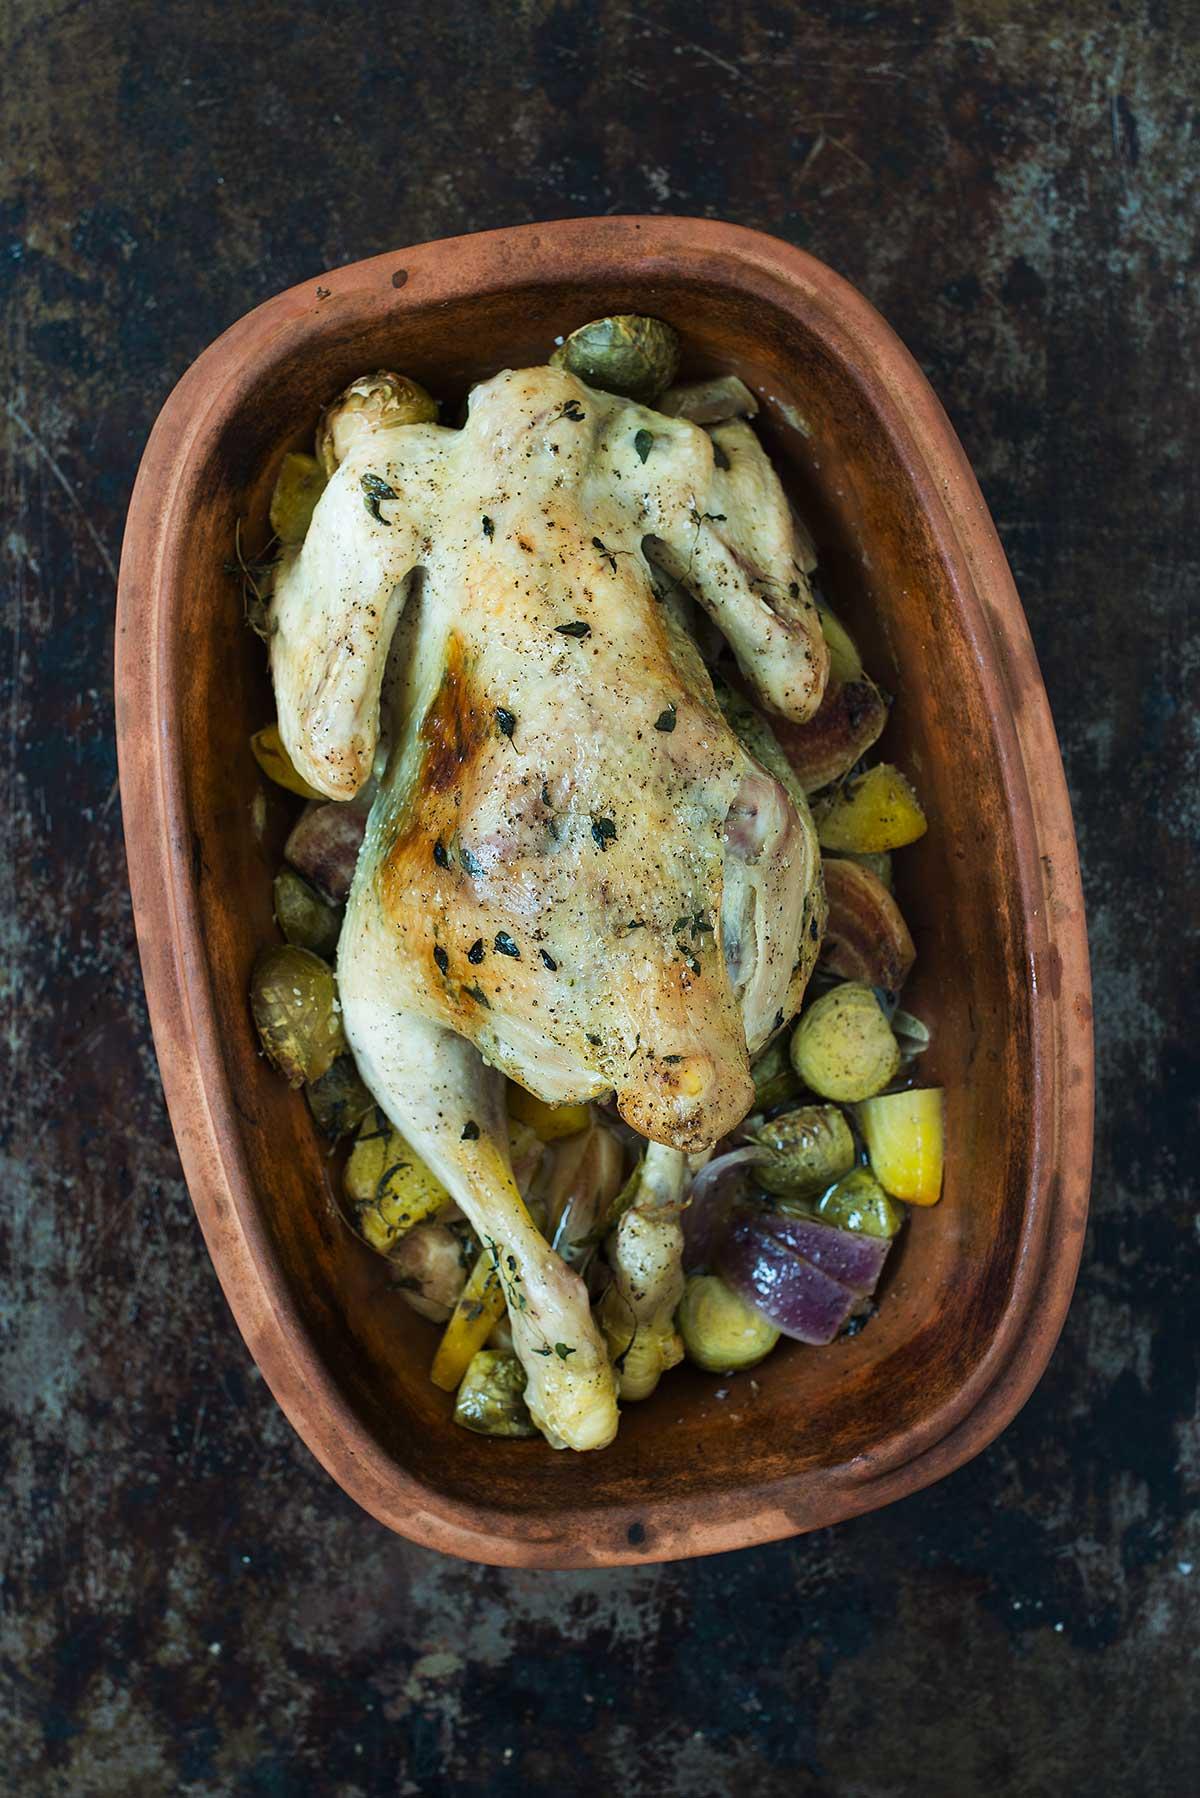 Recept: Hel kyckling i lergryta | Fröken Kräsen